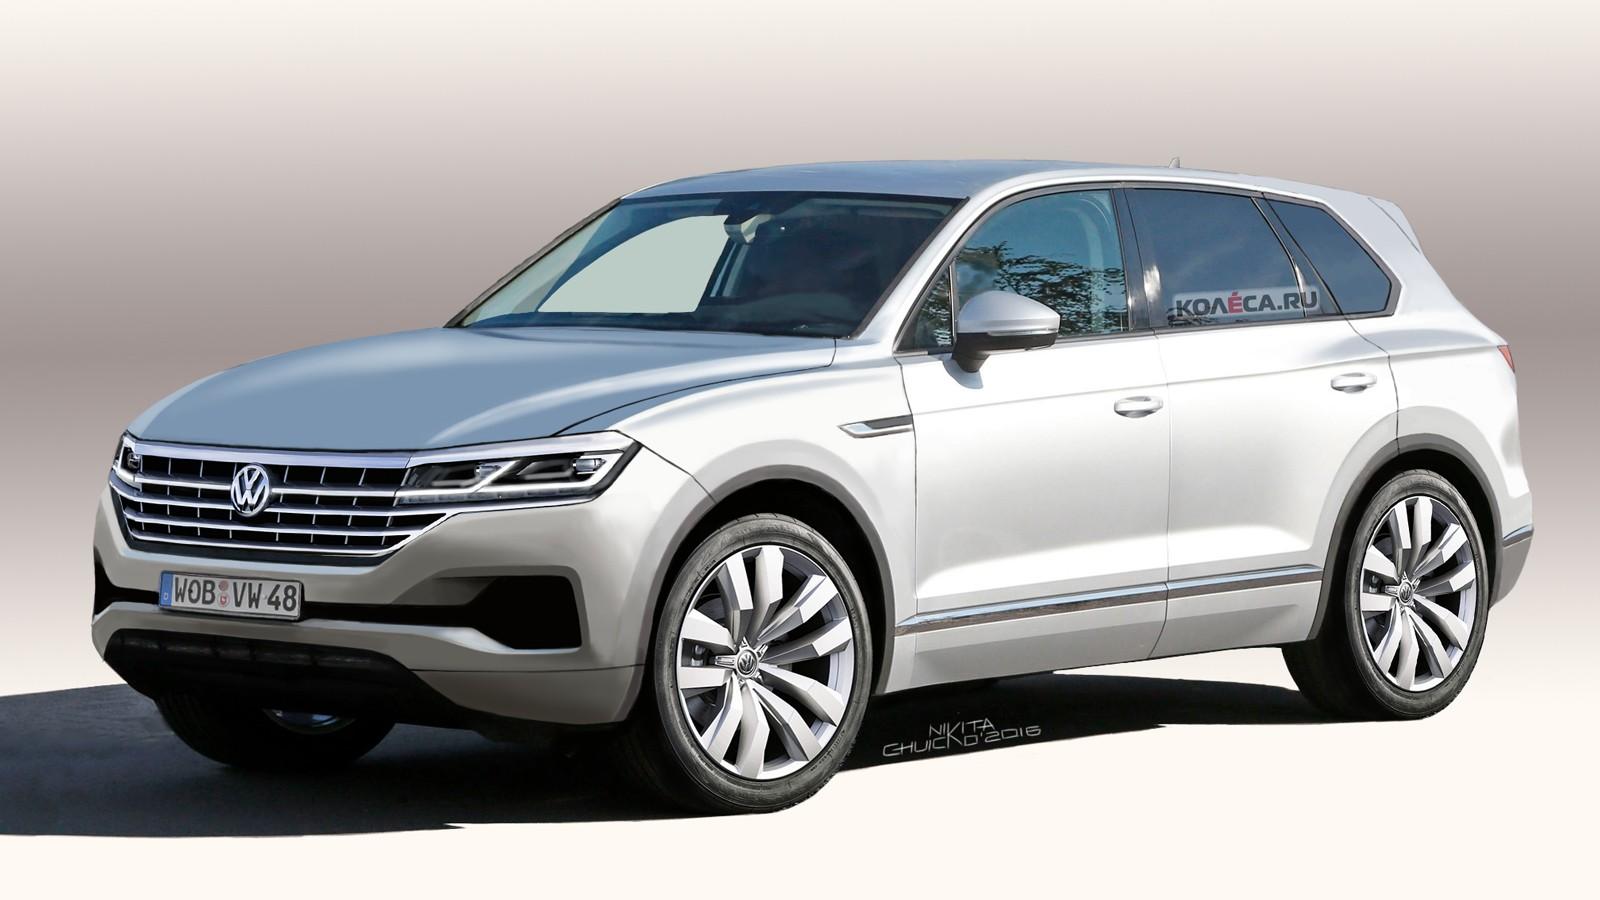 VW Touareg front